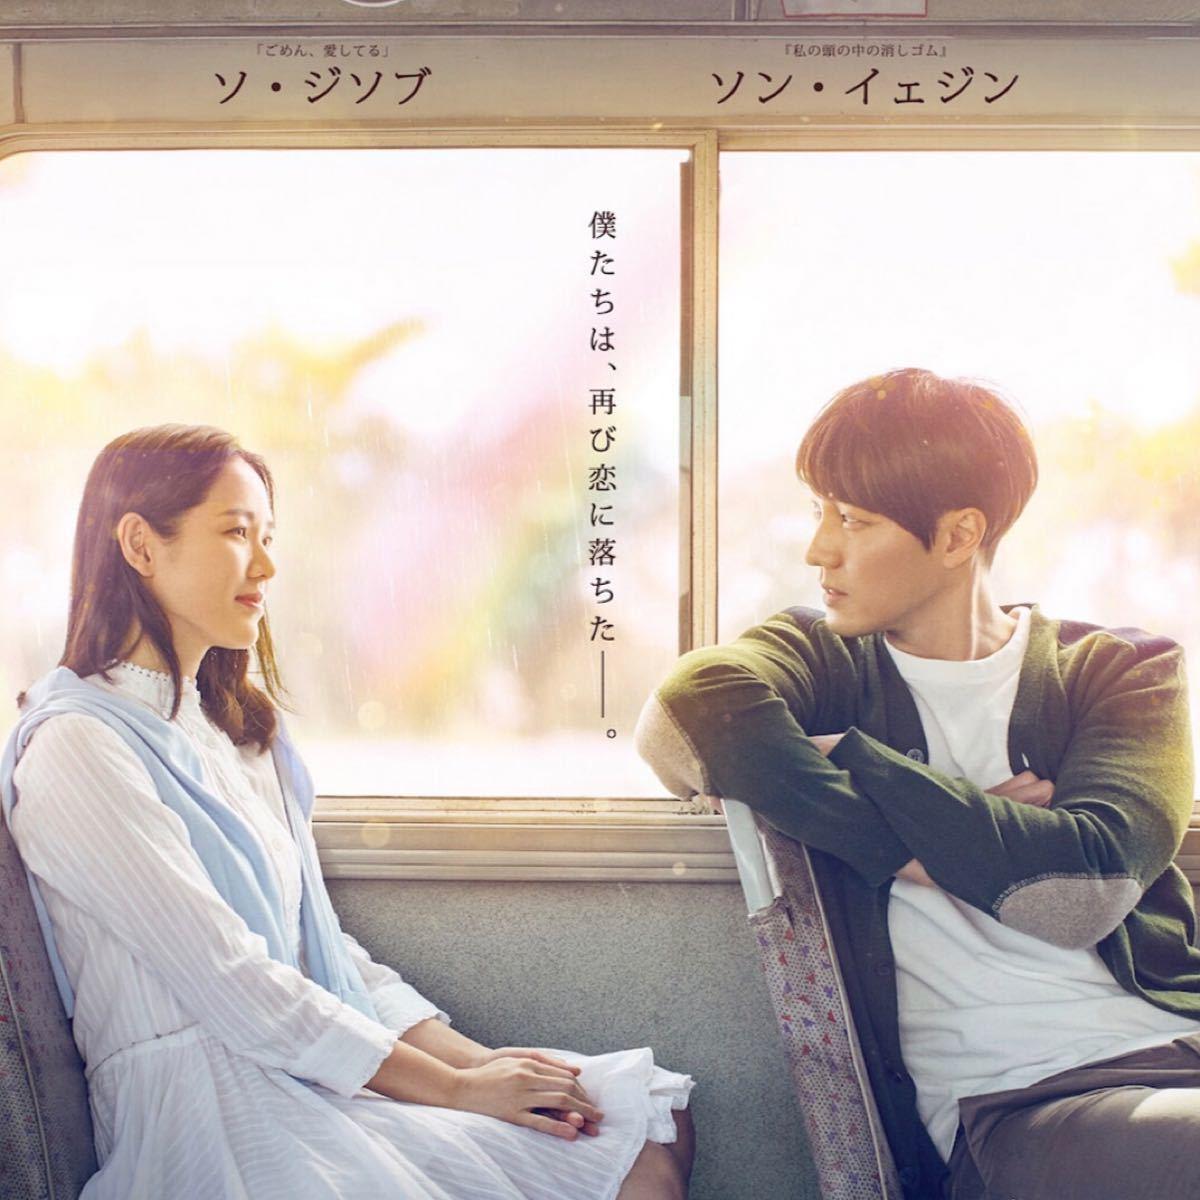 韓国映画 ソン・イェジン 出演映画 DVD 2点セット 日本語吹替有 レーベル有